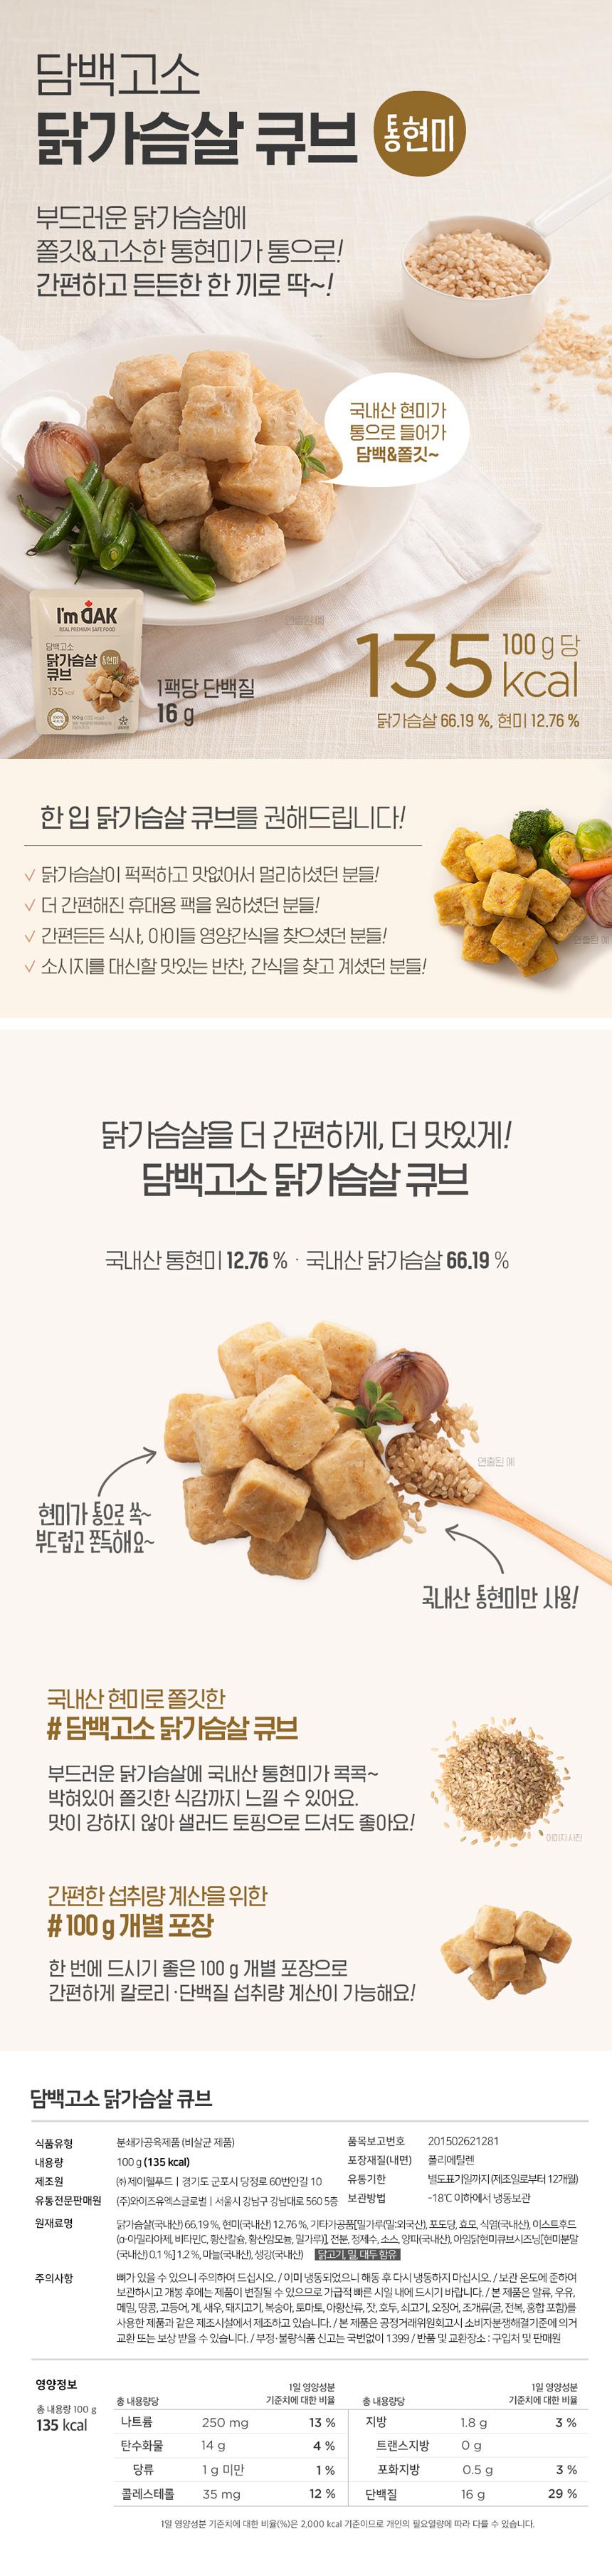 06_01_01_detail_cube_rice.jpg